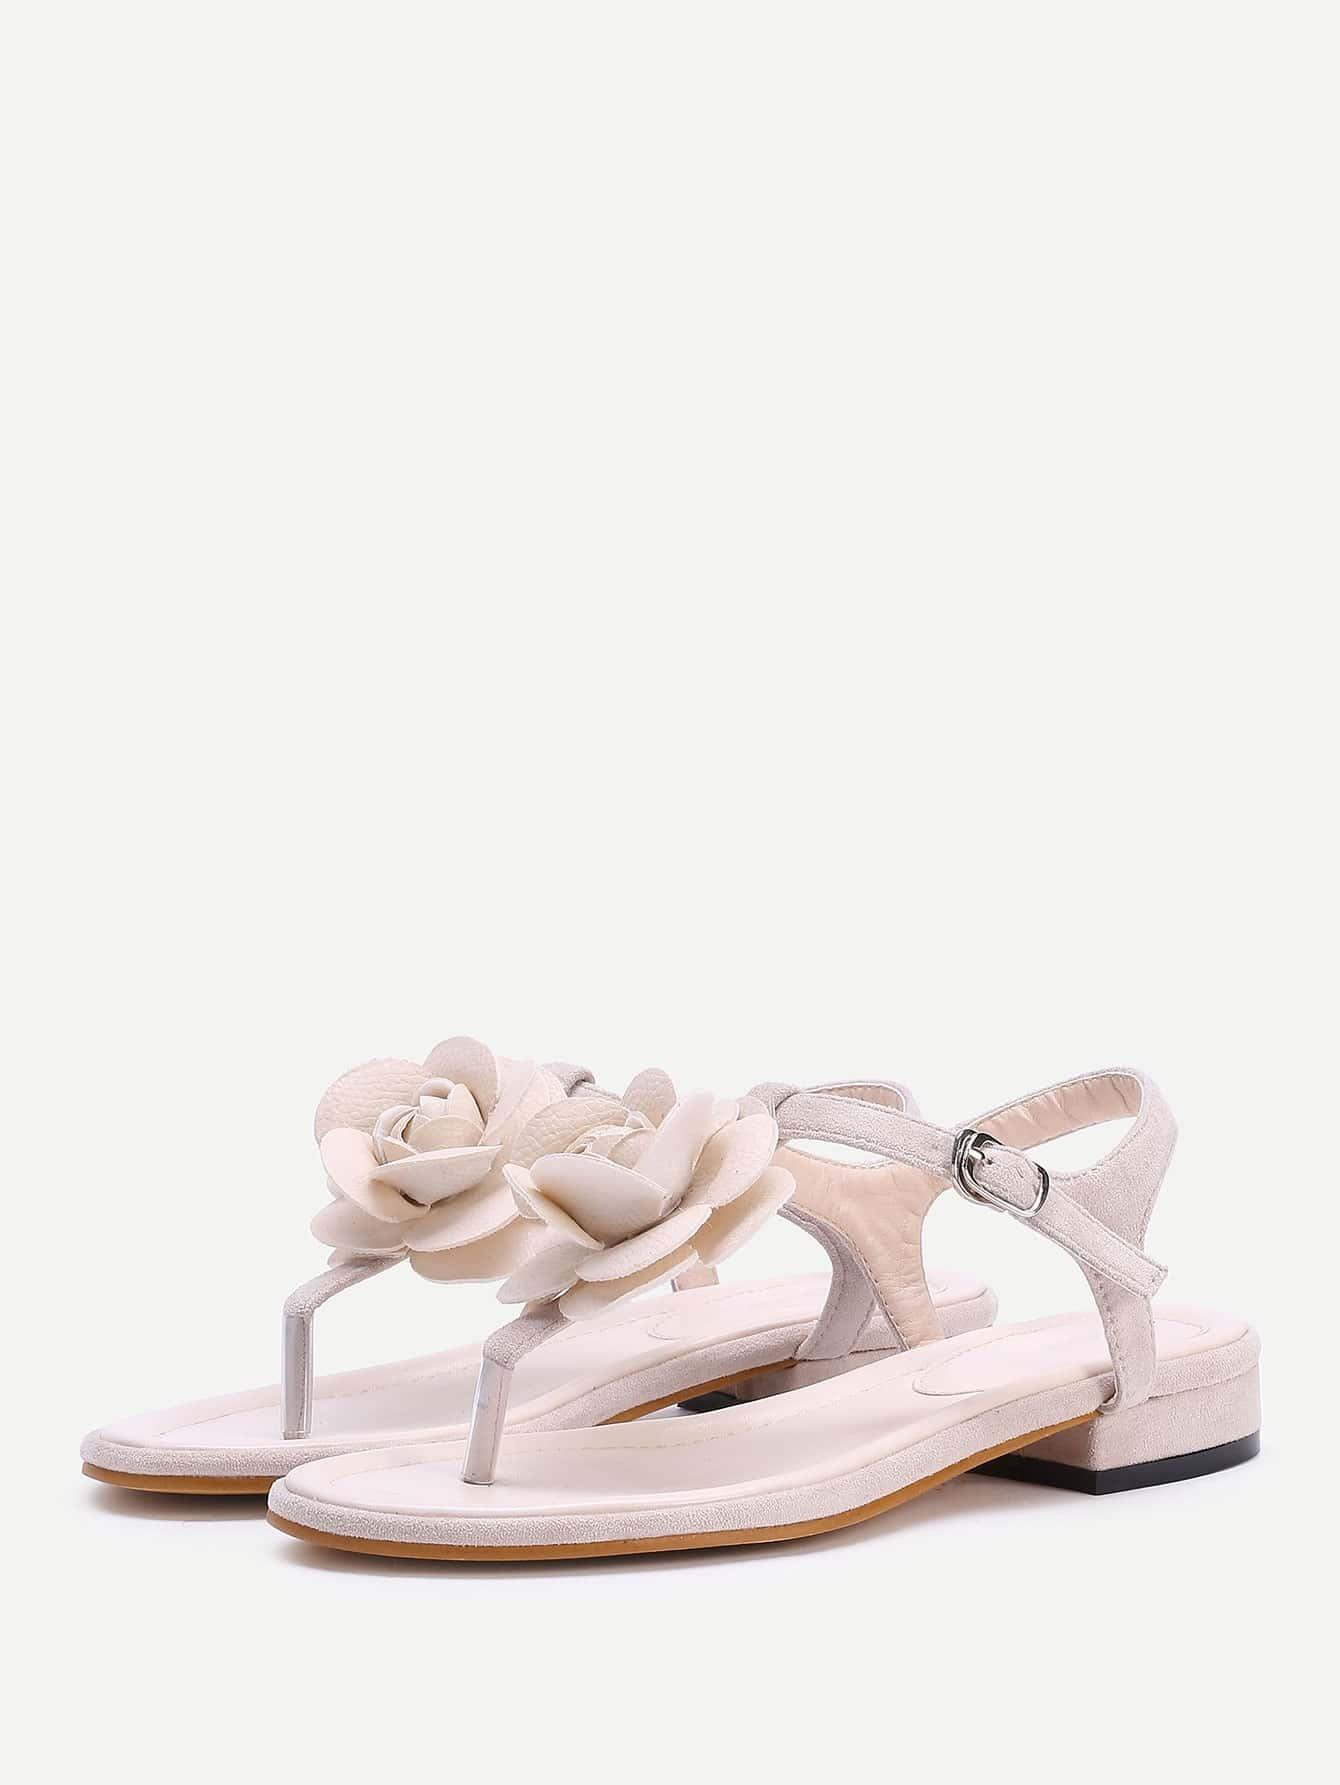 shoes170412803_2